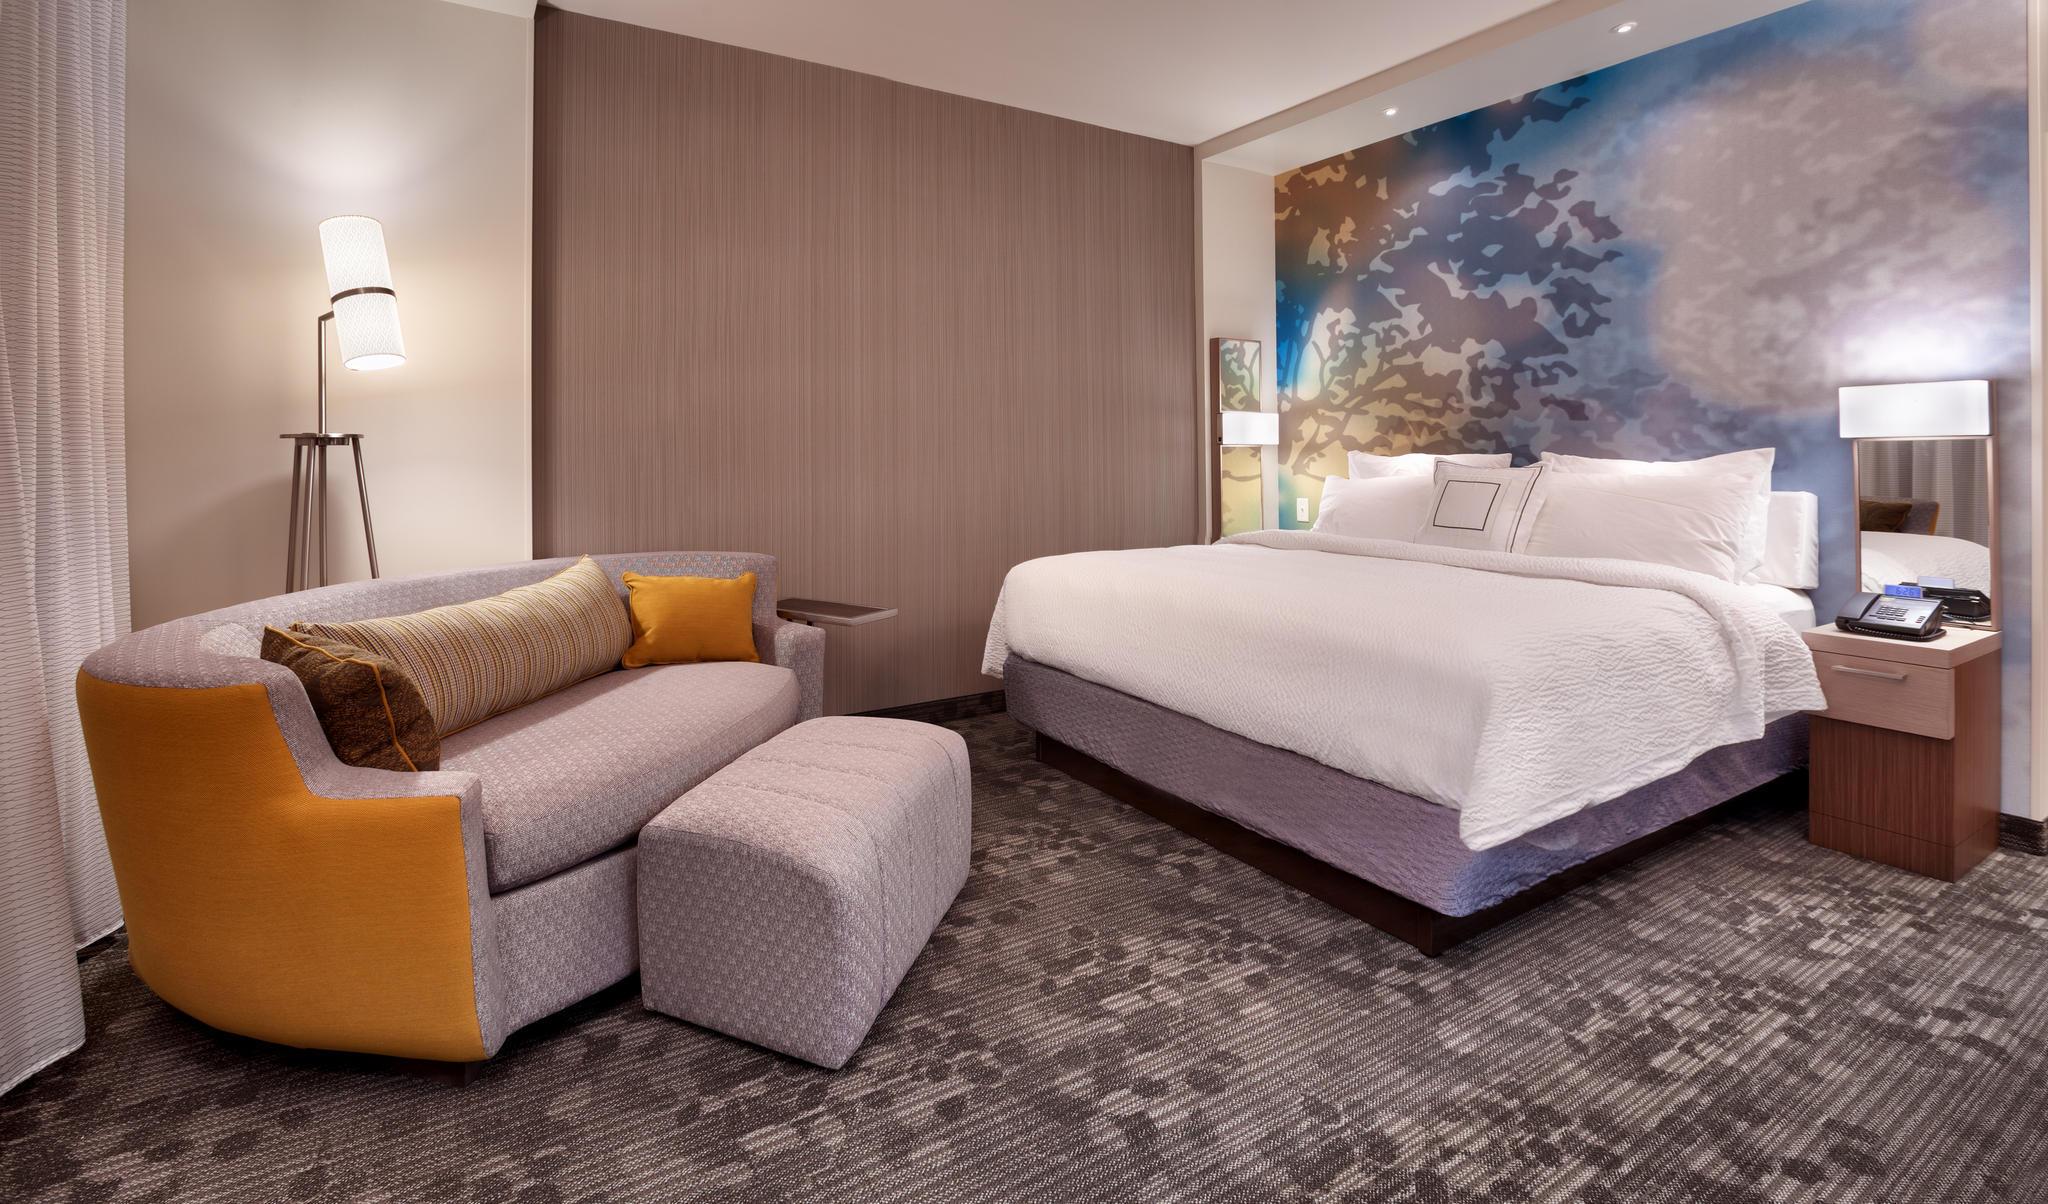 Hotels: Zimmermädchen enthüllt: das sind die schlimmsten Gäste ...